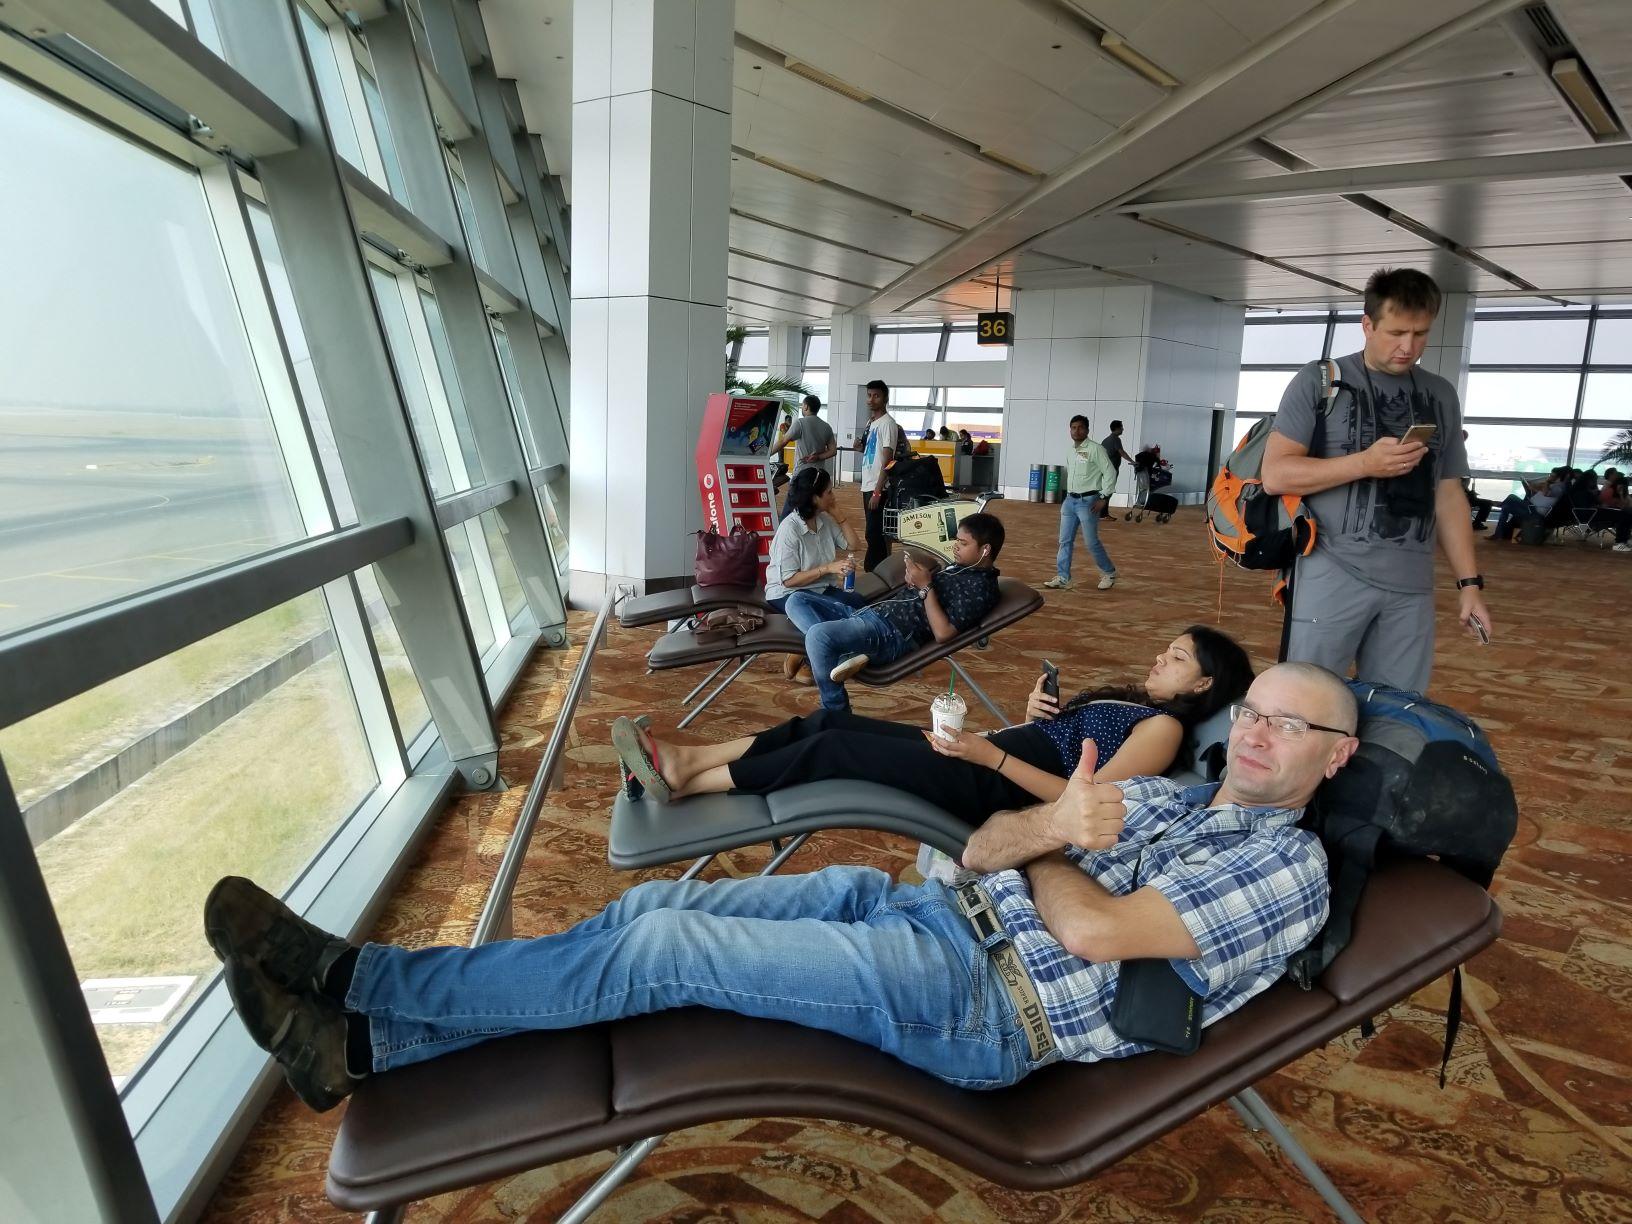 Deli lidosta - gaidam reisu uz Bagdogra